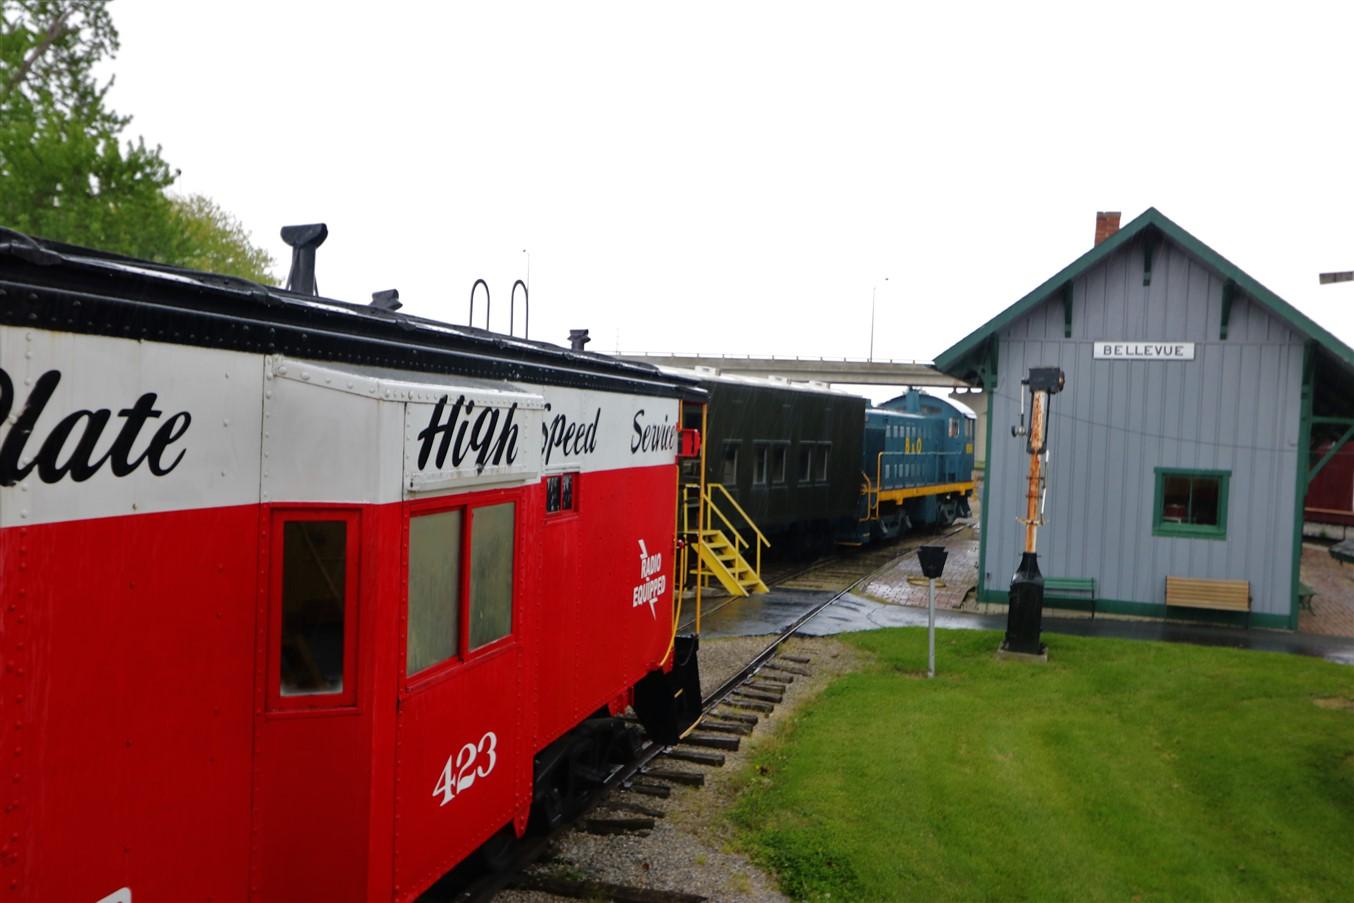 2018 05 19 156 Bellevue OH Mad River & Nickel Plate Railroad Museum.jpg